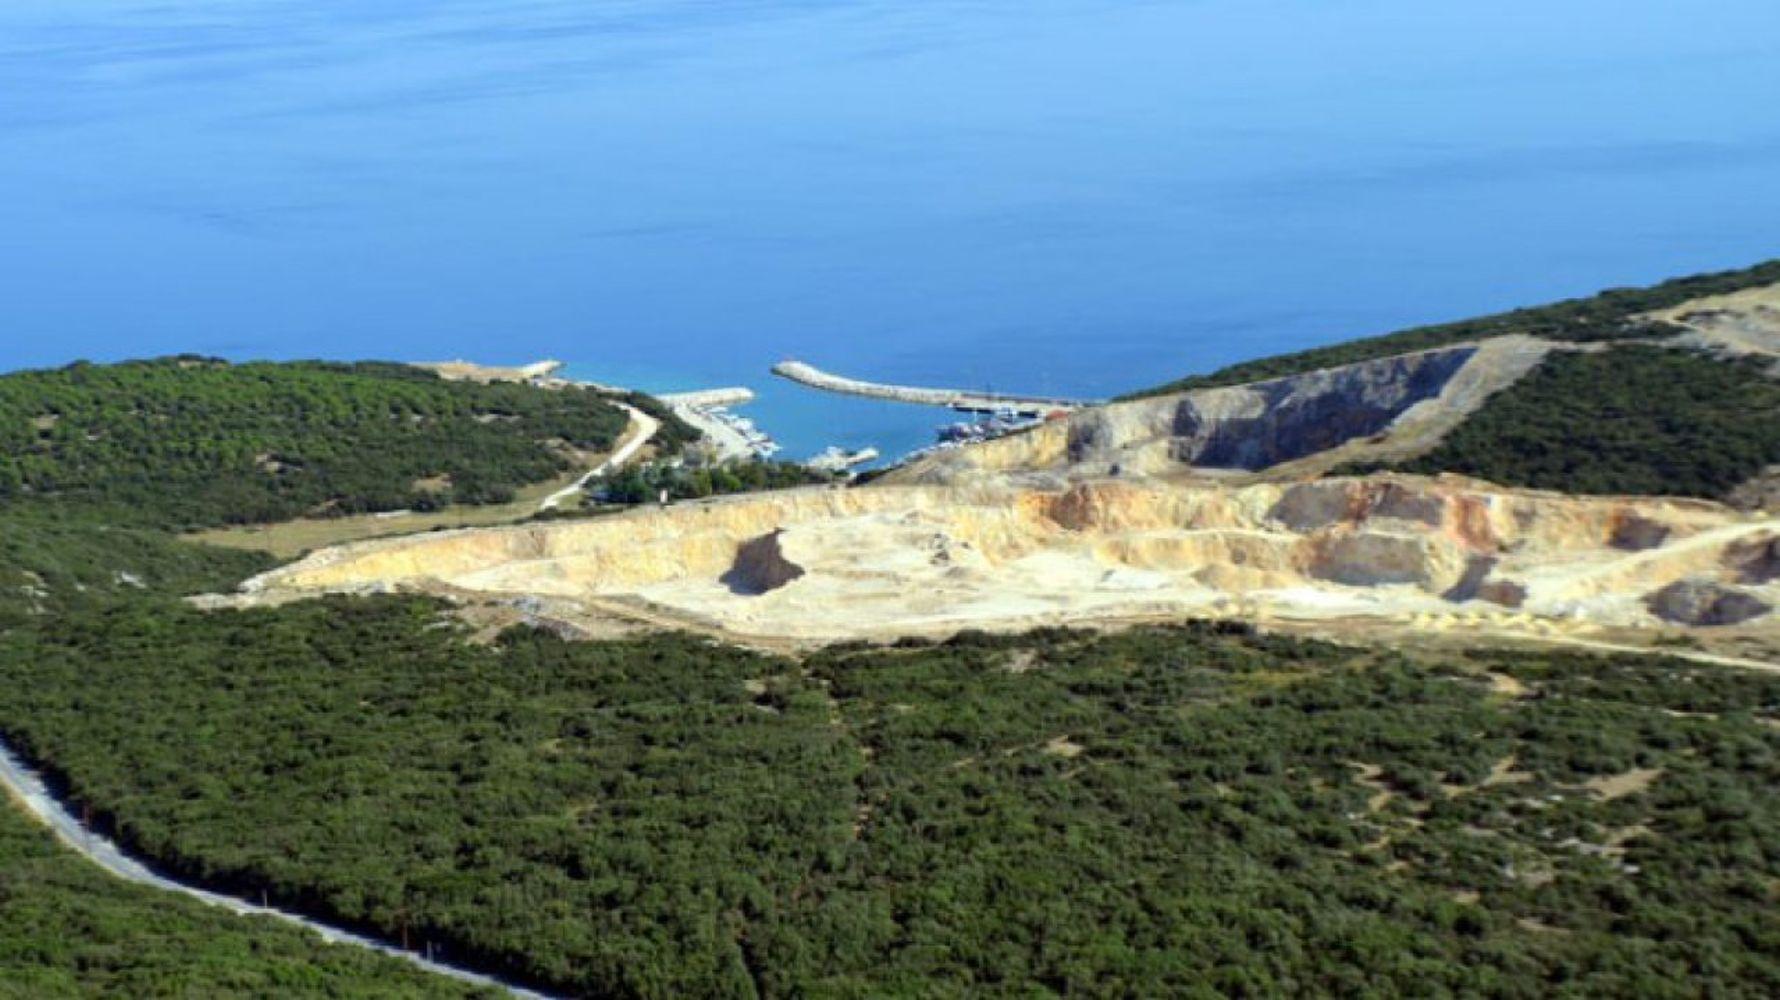 Referendum proposal for saros fsru ship pier